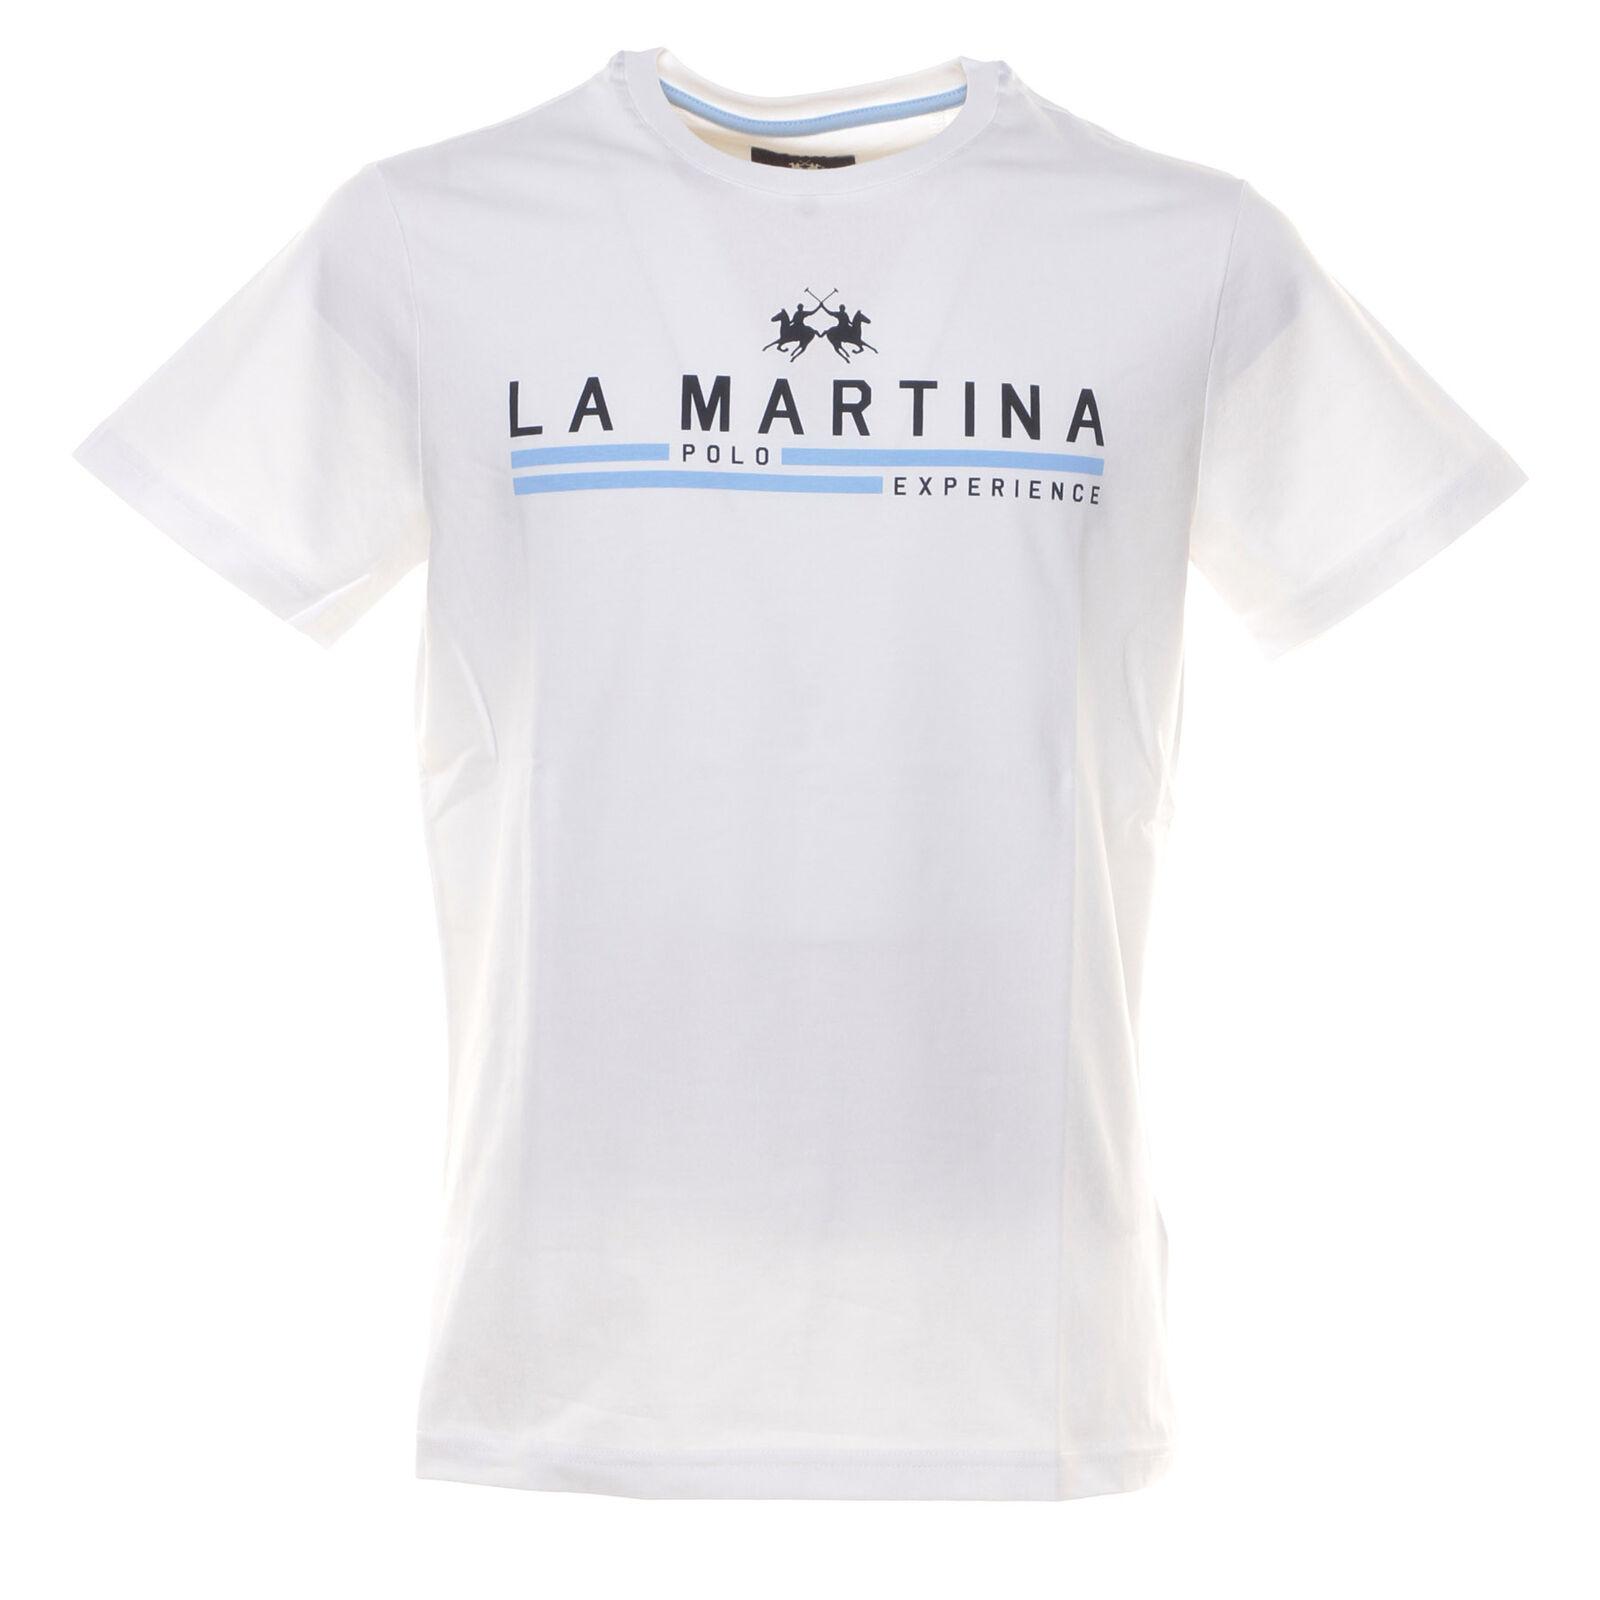 LA MARTINA T-SHIRT UOMO T-SHIRT M CORTA UOMO NMR007 00001